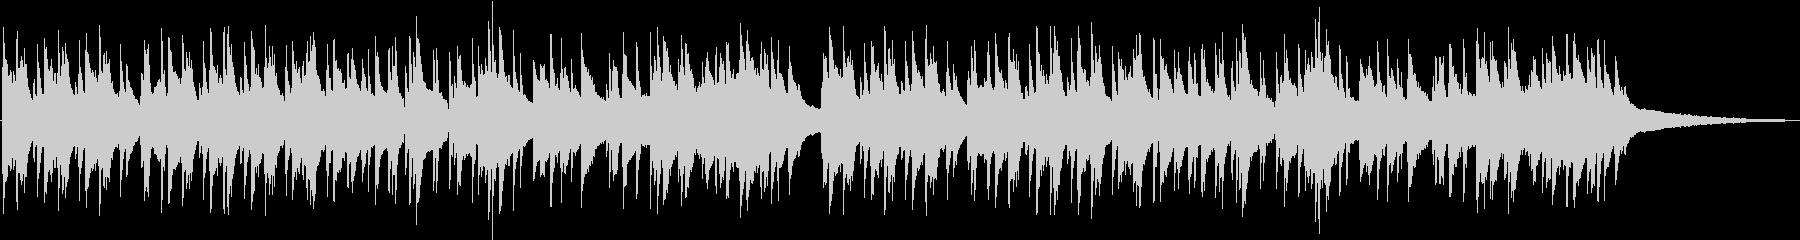 ゆったりお洒落なピアノジャズの未再生の波形